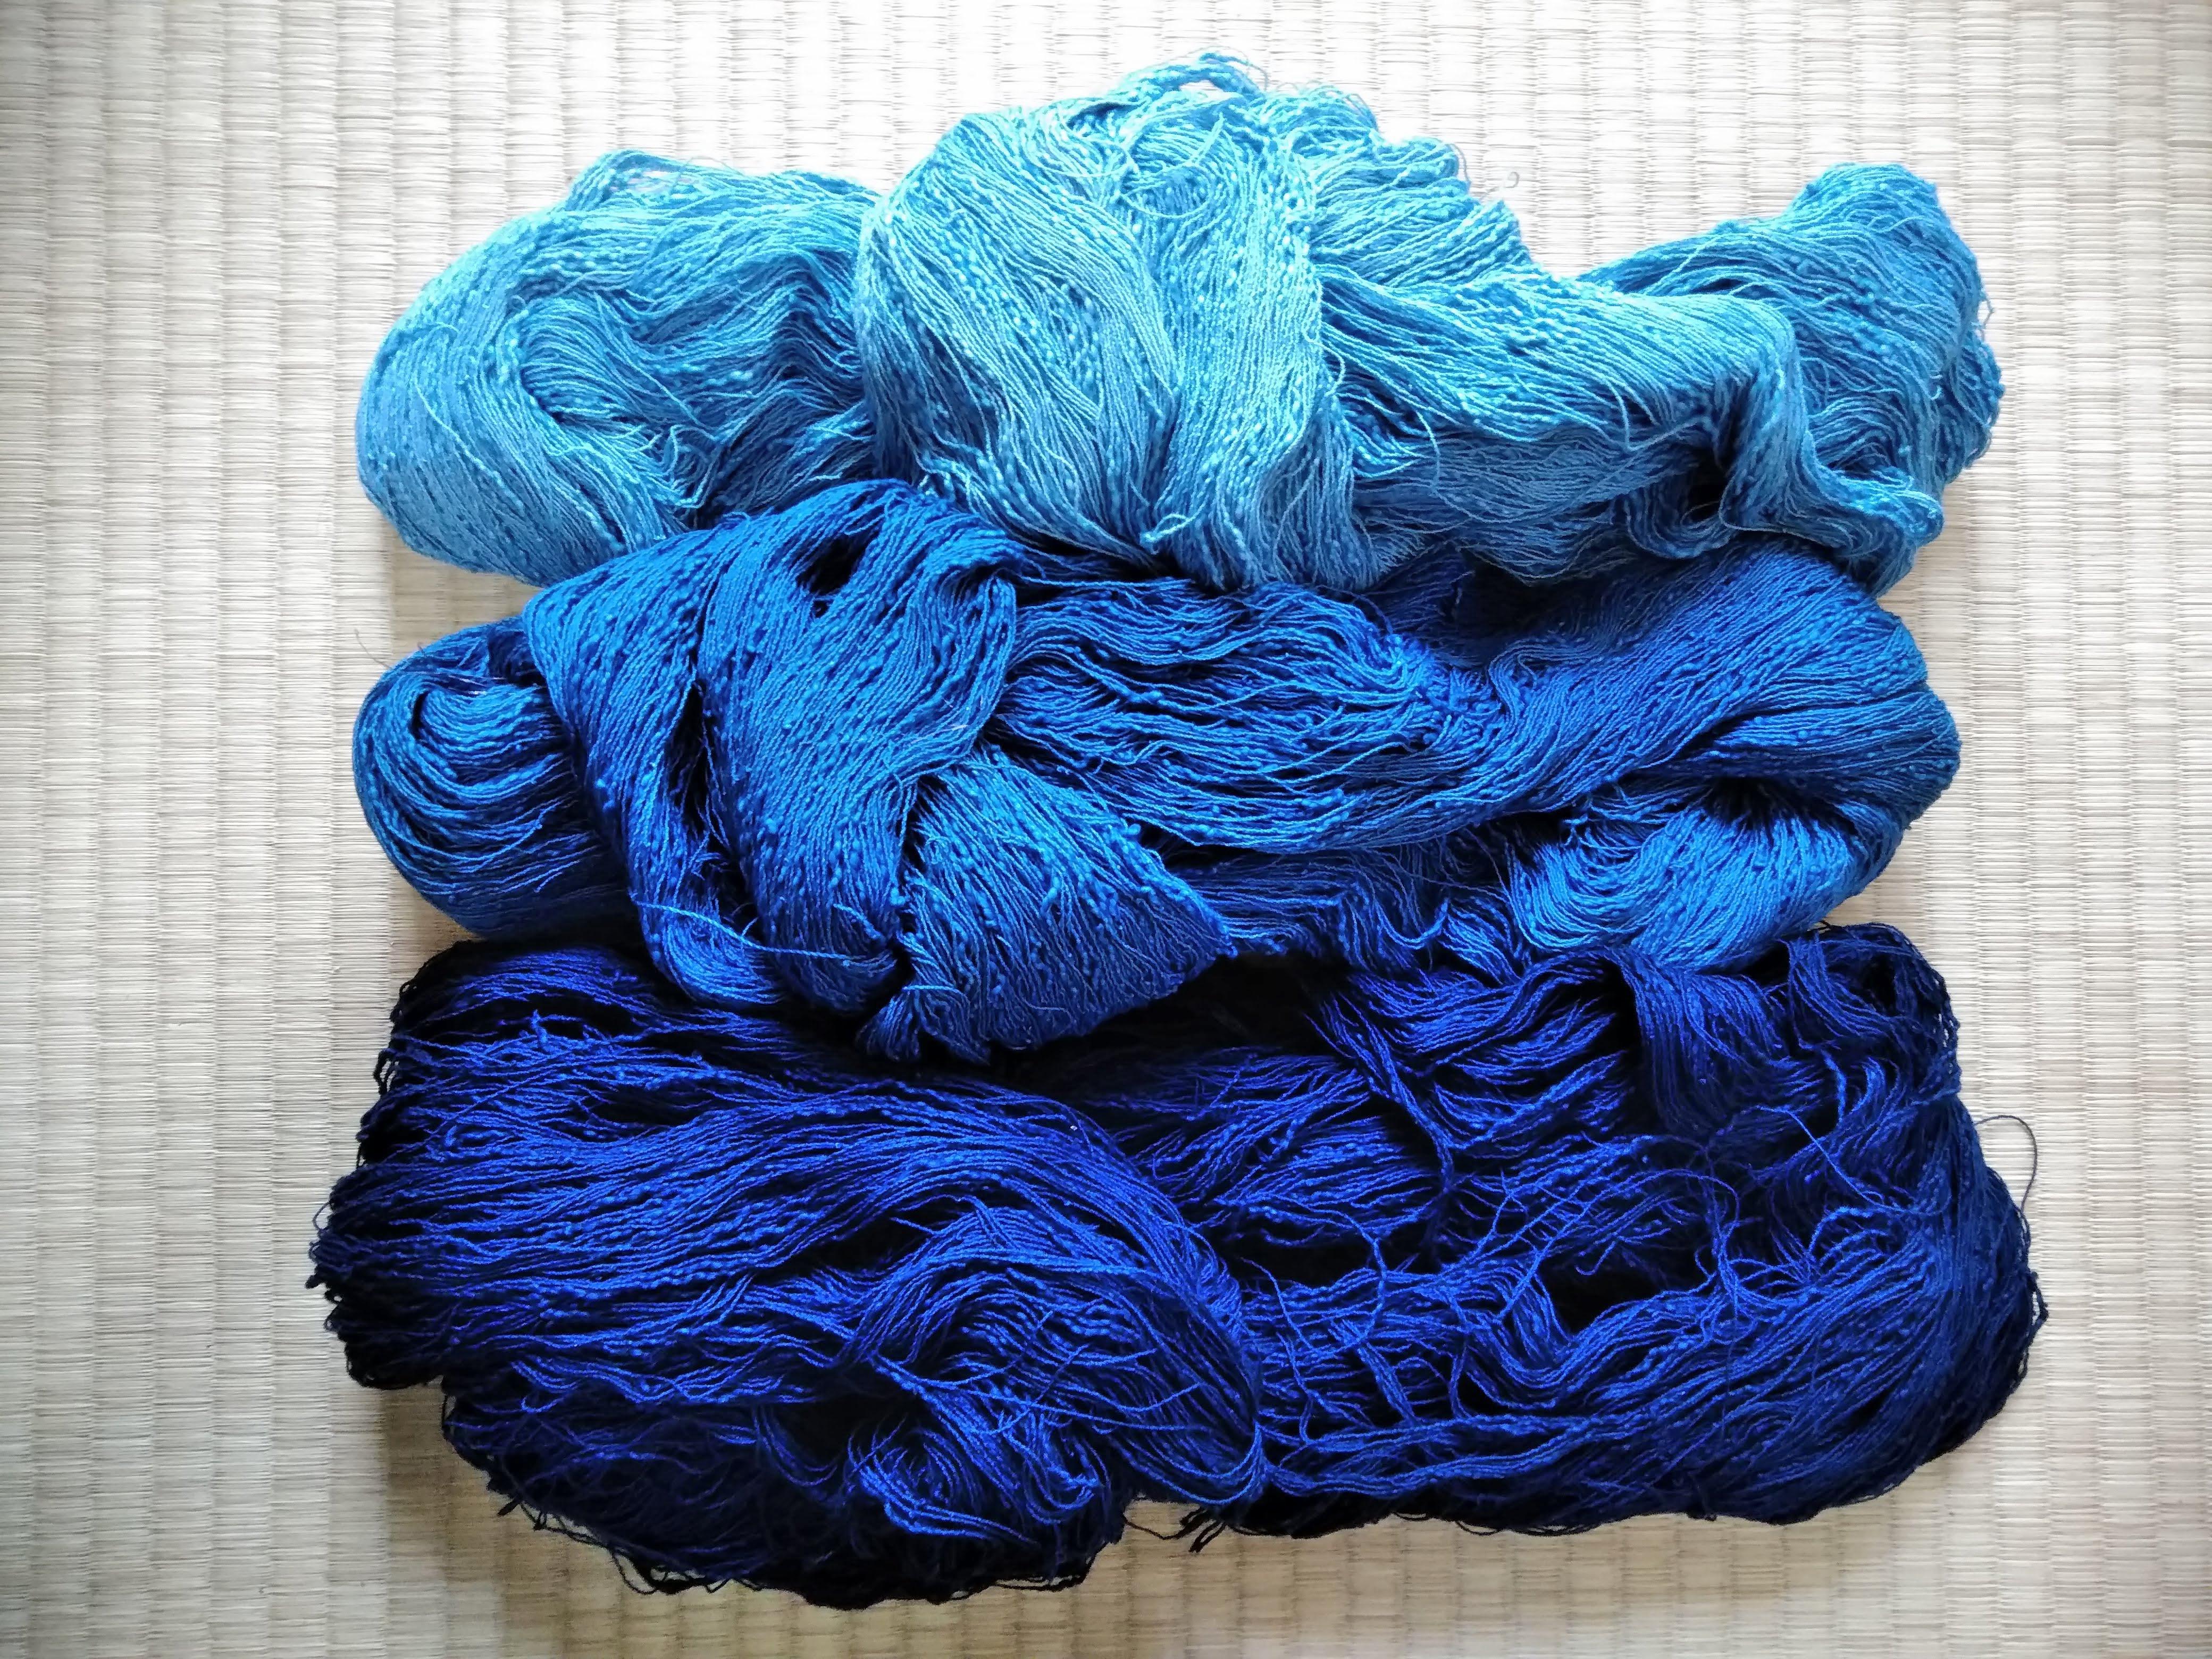 輝く藍色。暮らしの中で楽しむジャパンブルー。  藍染め糸のこと。